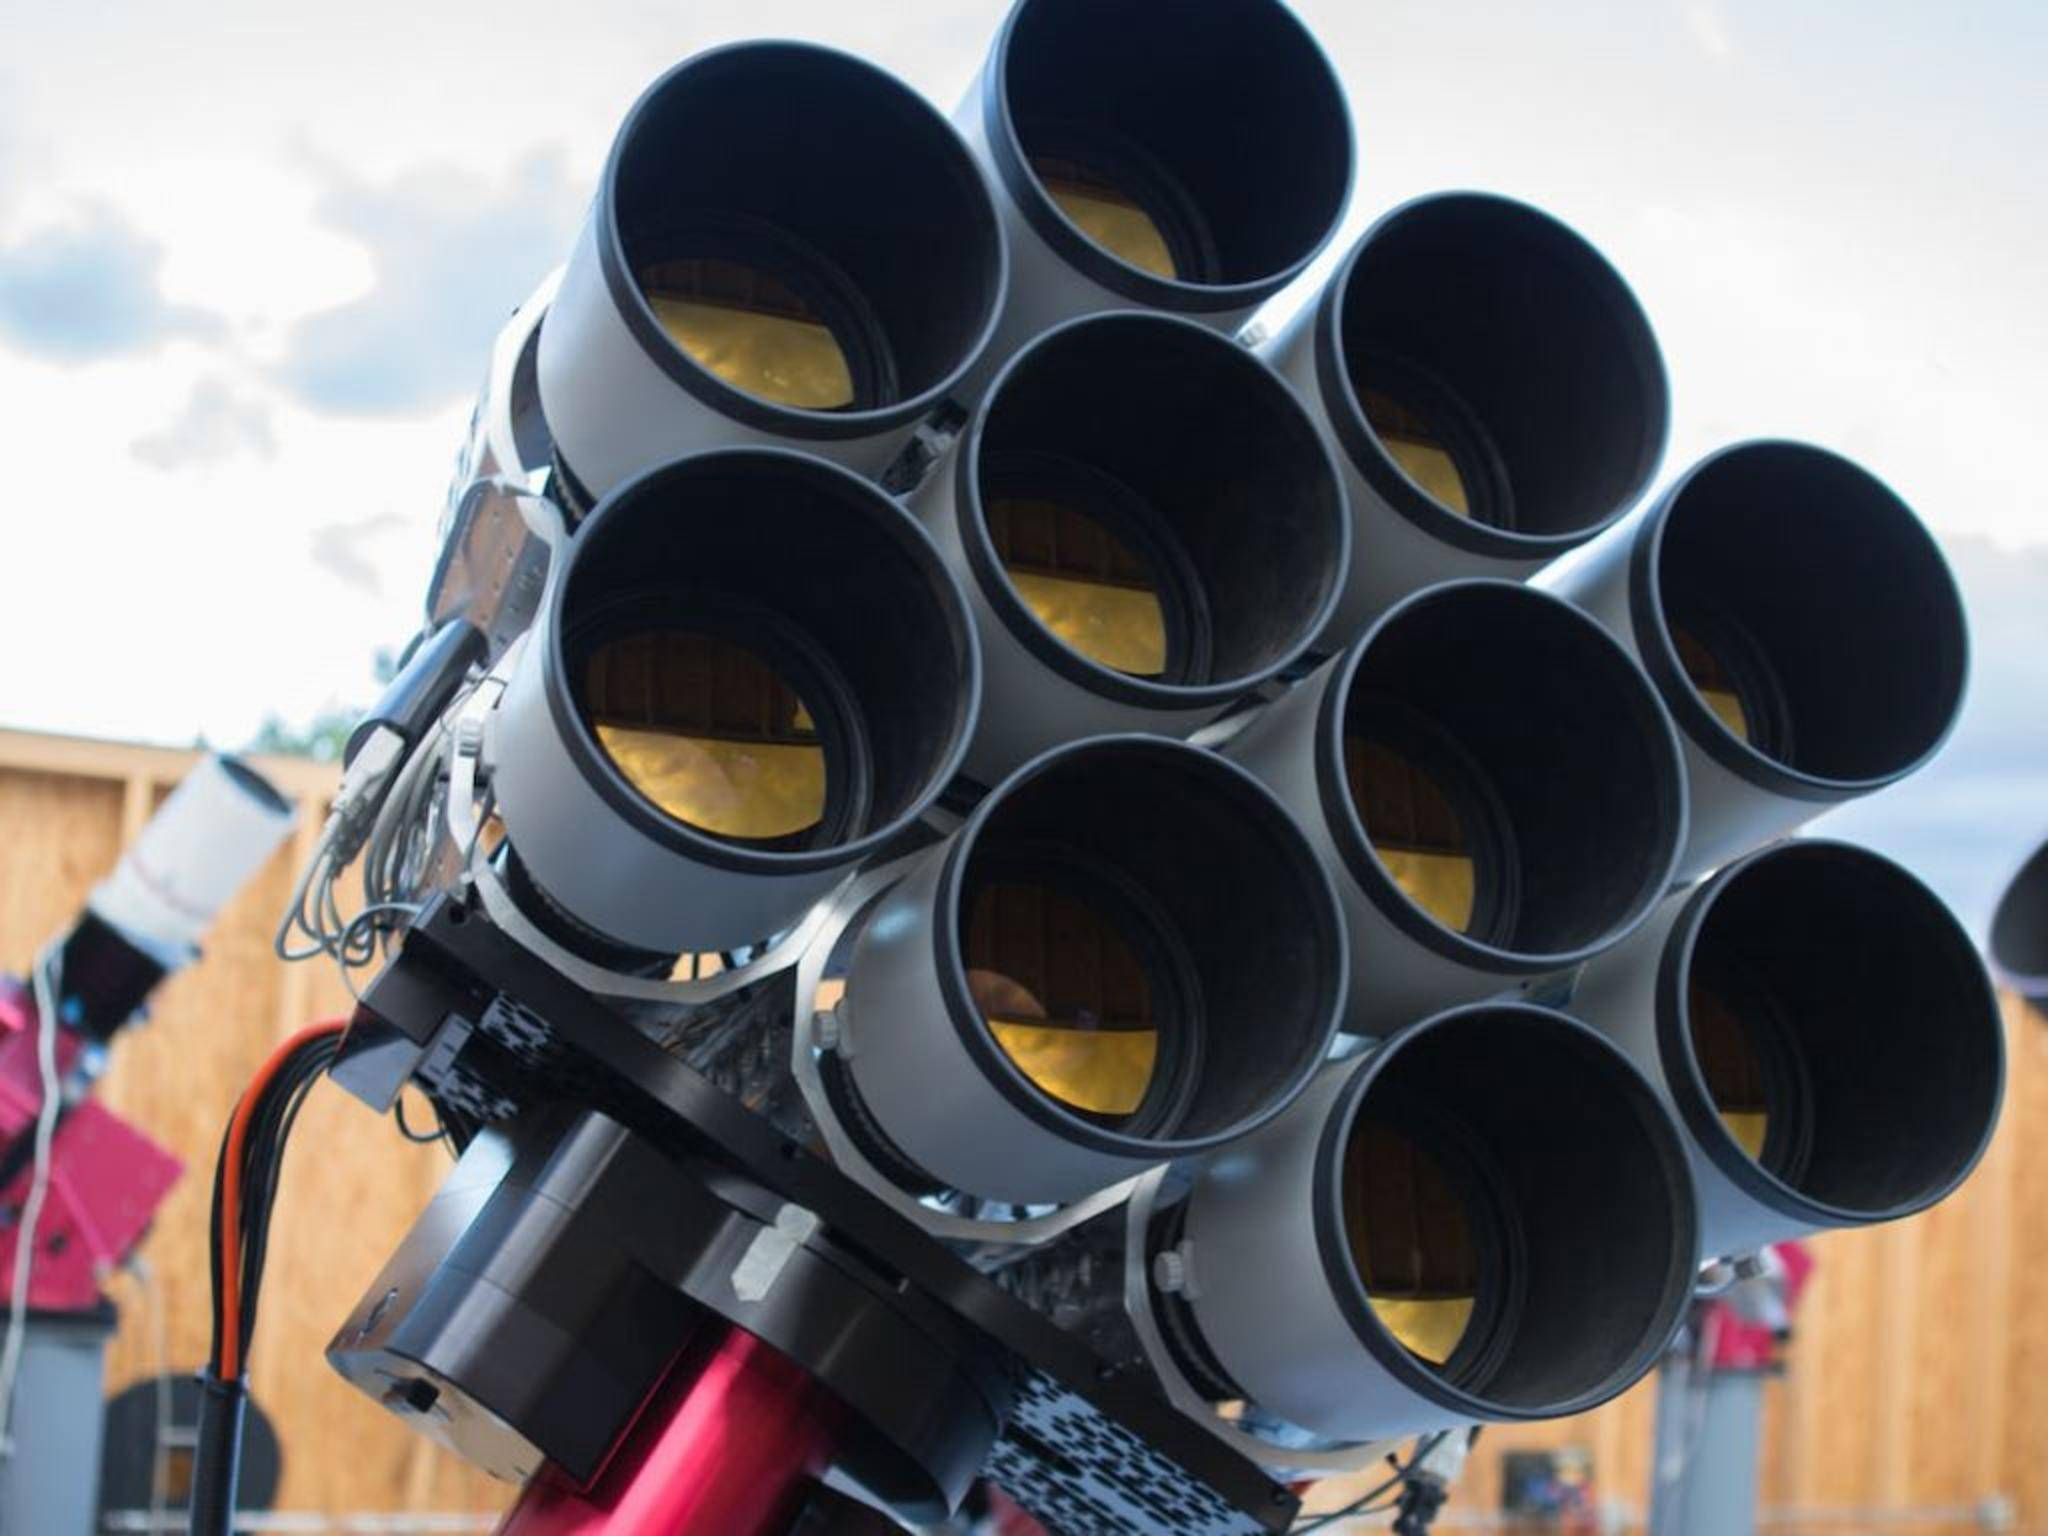 Dragonfly dieses teleskop besteht aus zehn canon objektiven